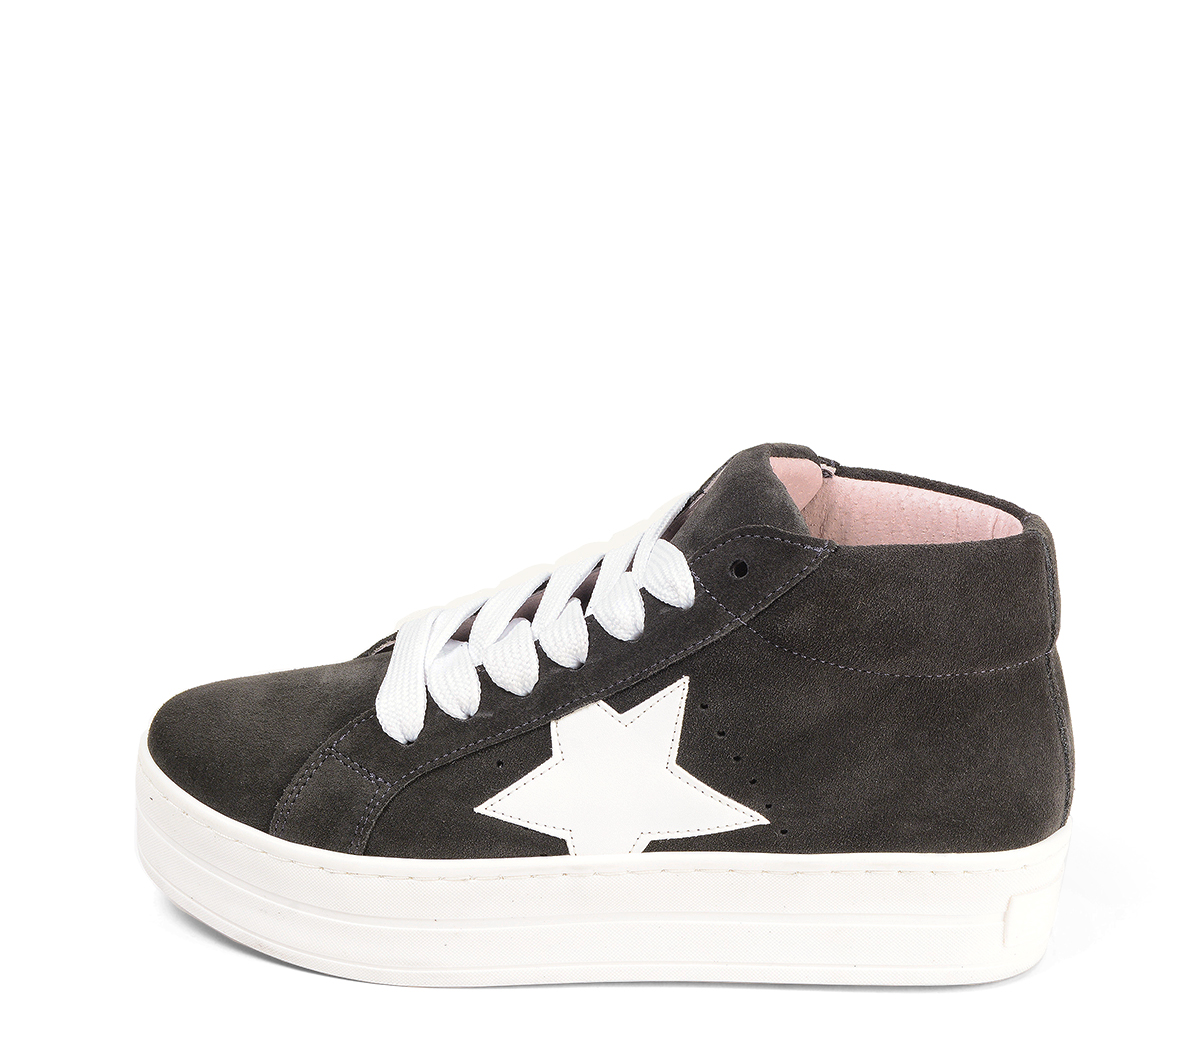 Ref. 4572 Sneaker abotinada serraje gris. Cordones blancos. Detalles lateral en piel blanca. Plataforma blanca de 4 cm. Altura de caña 8 cm.